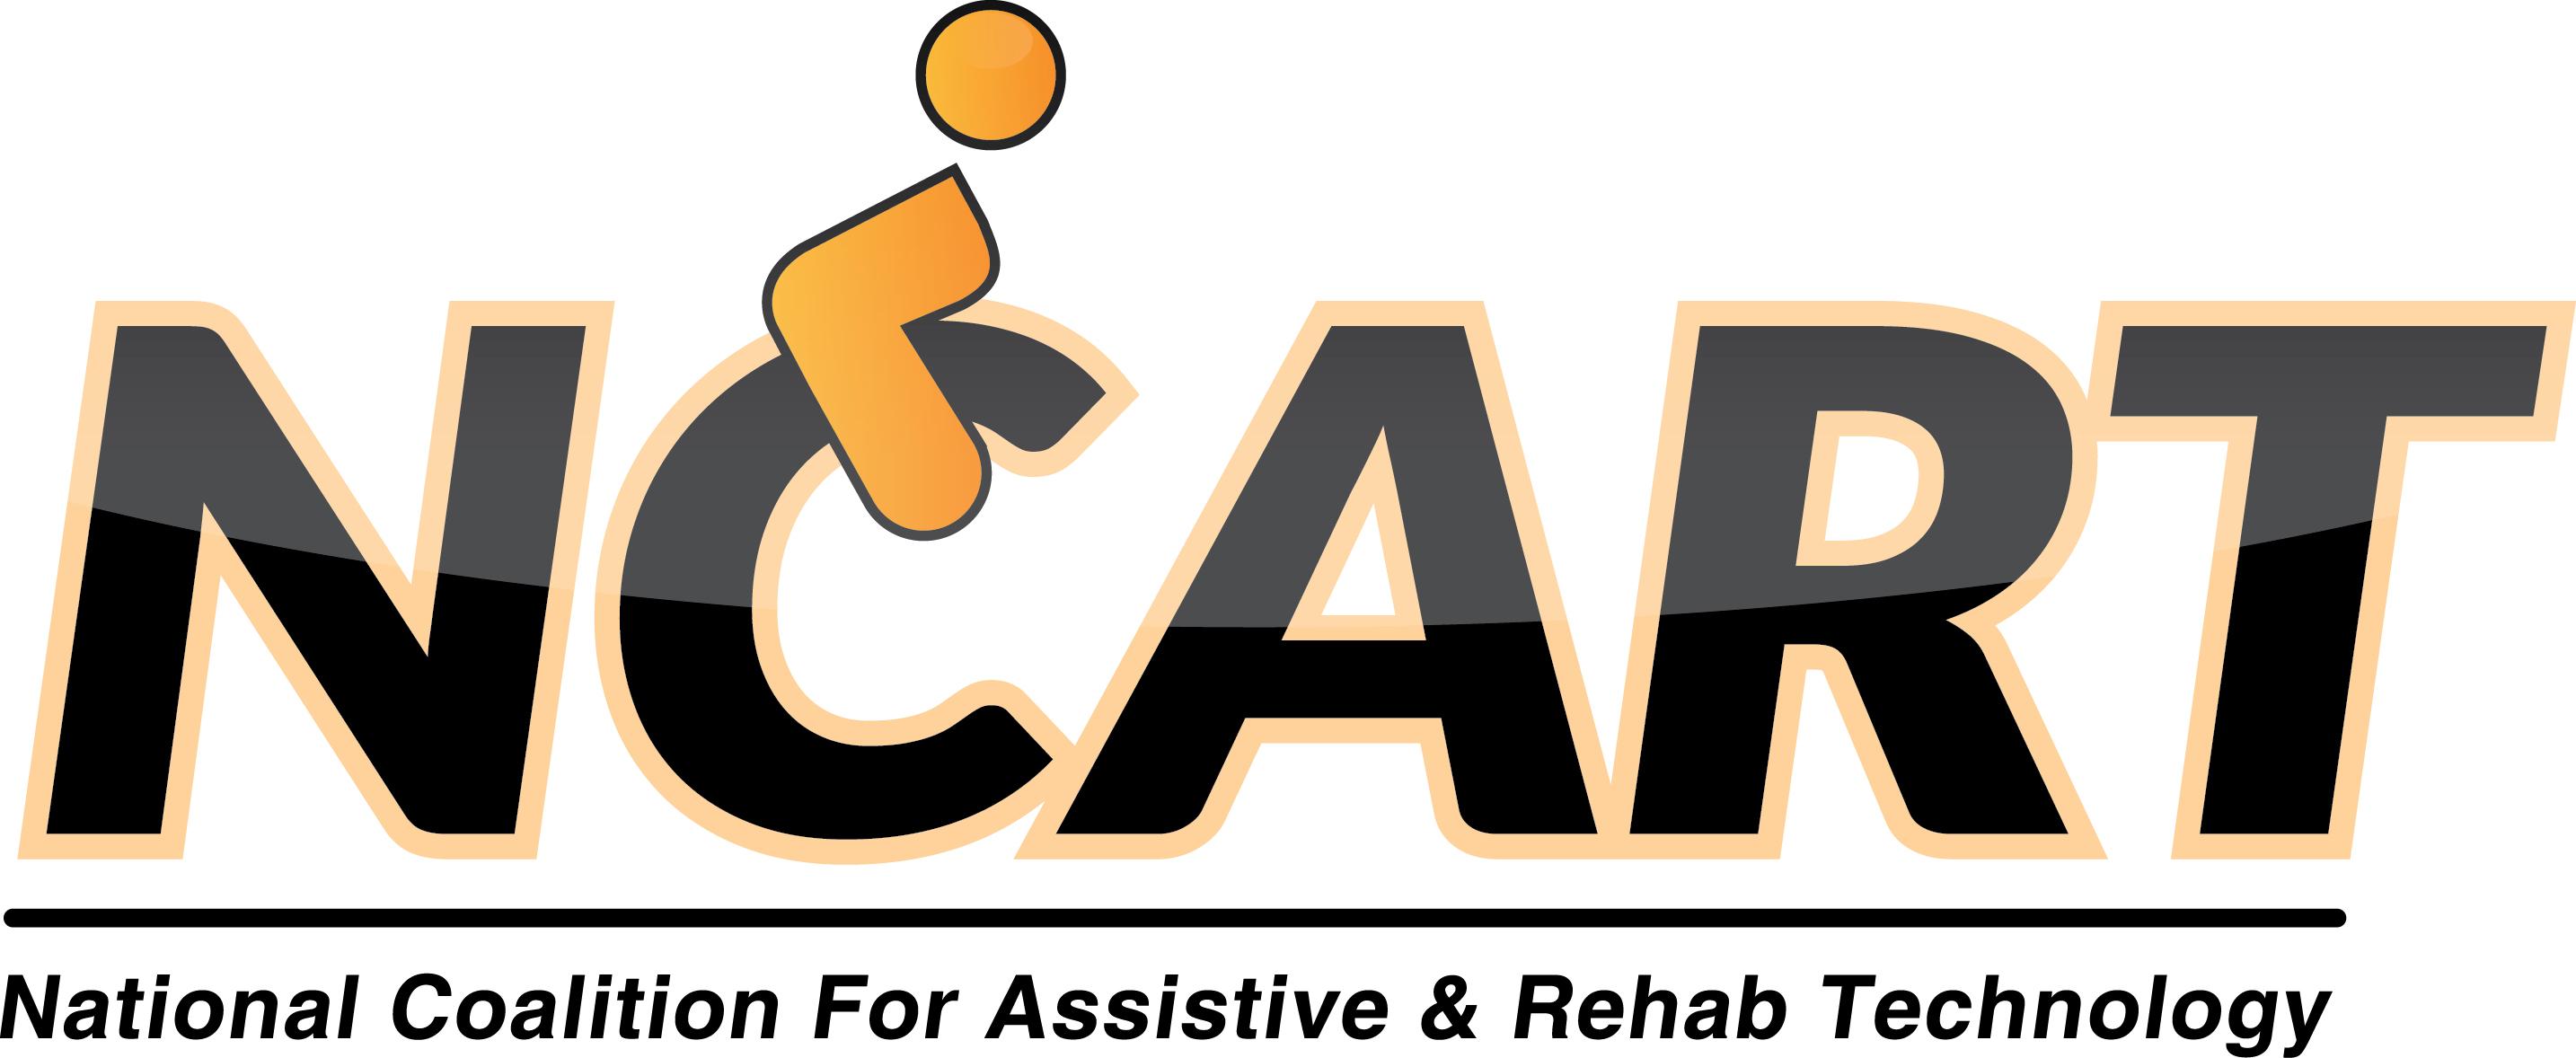 NCART_Logo_Final_Color-V2